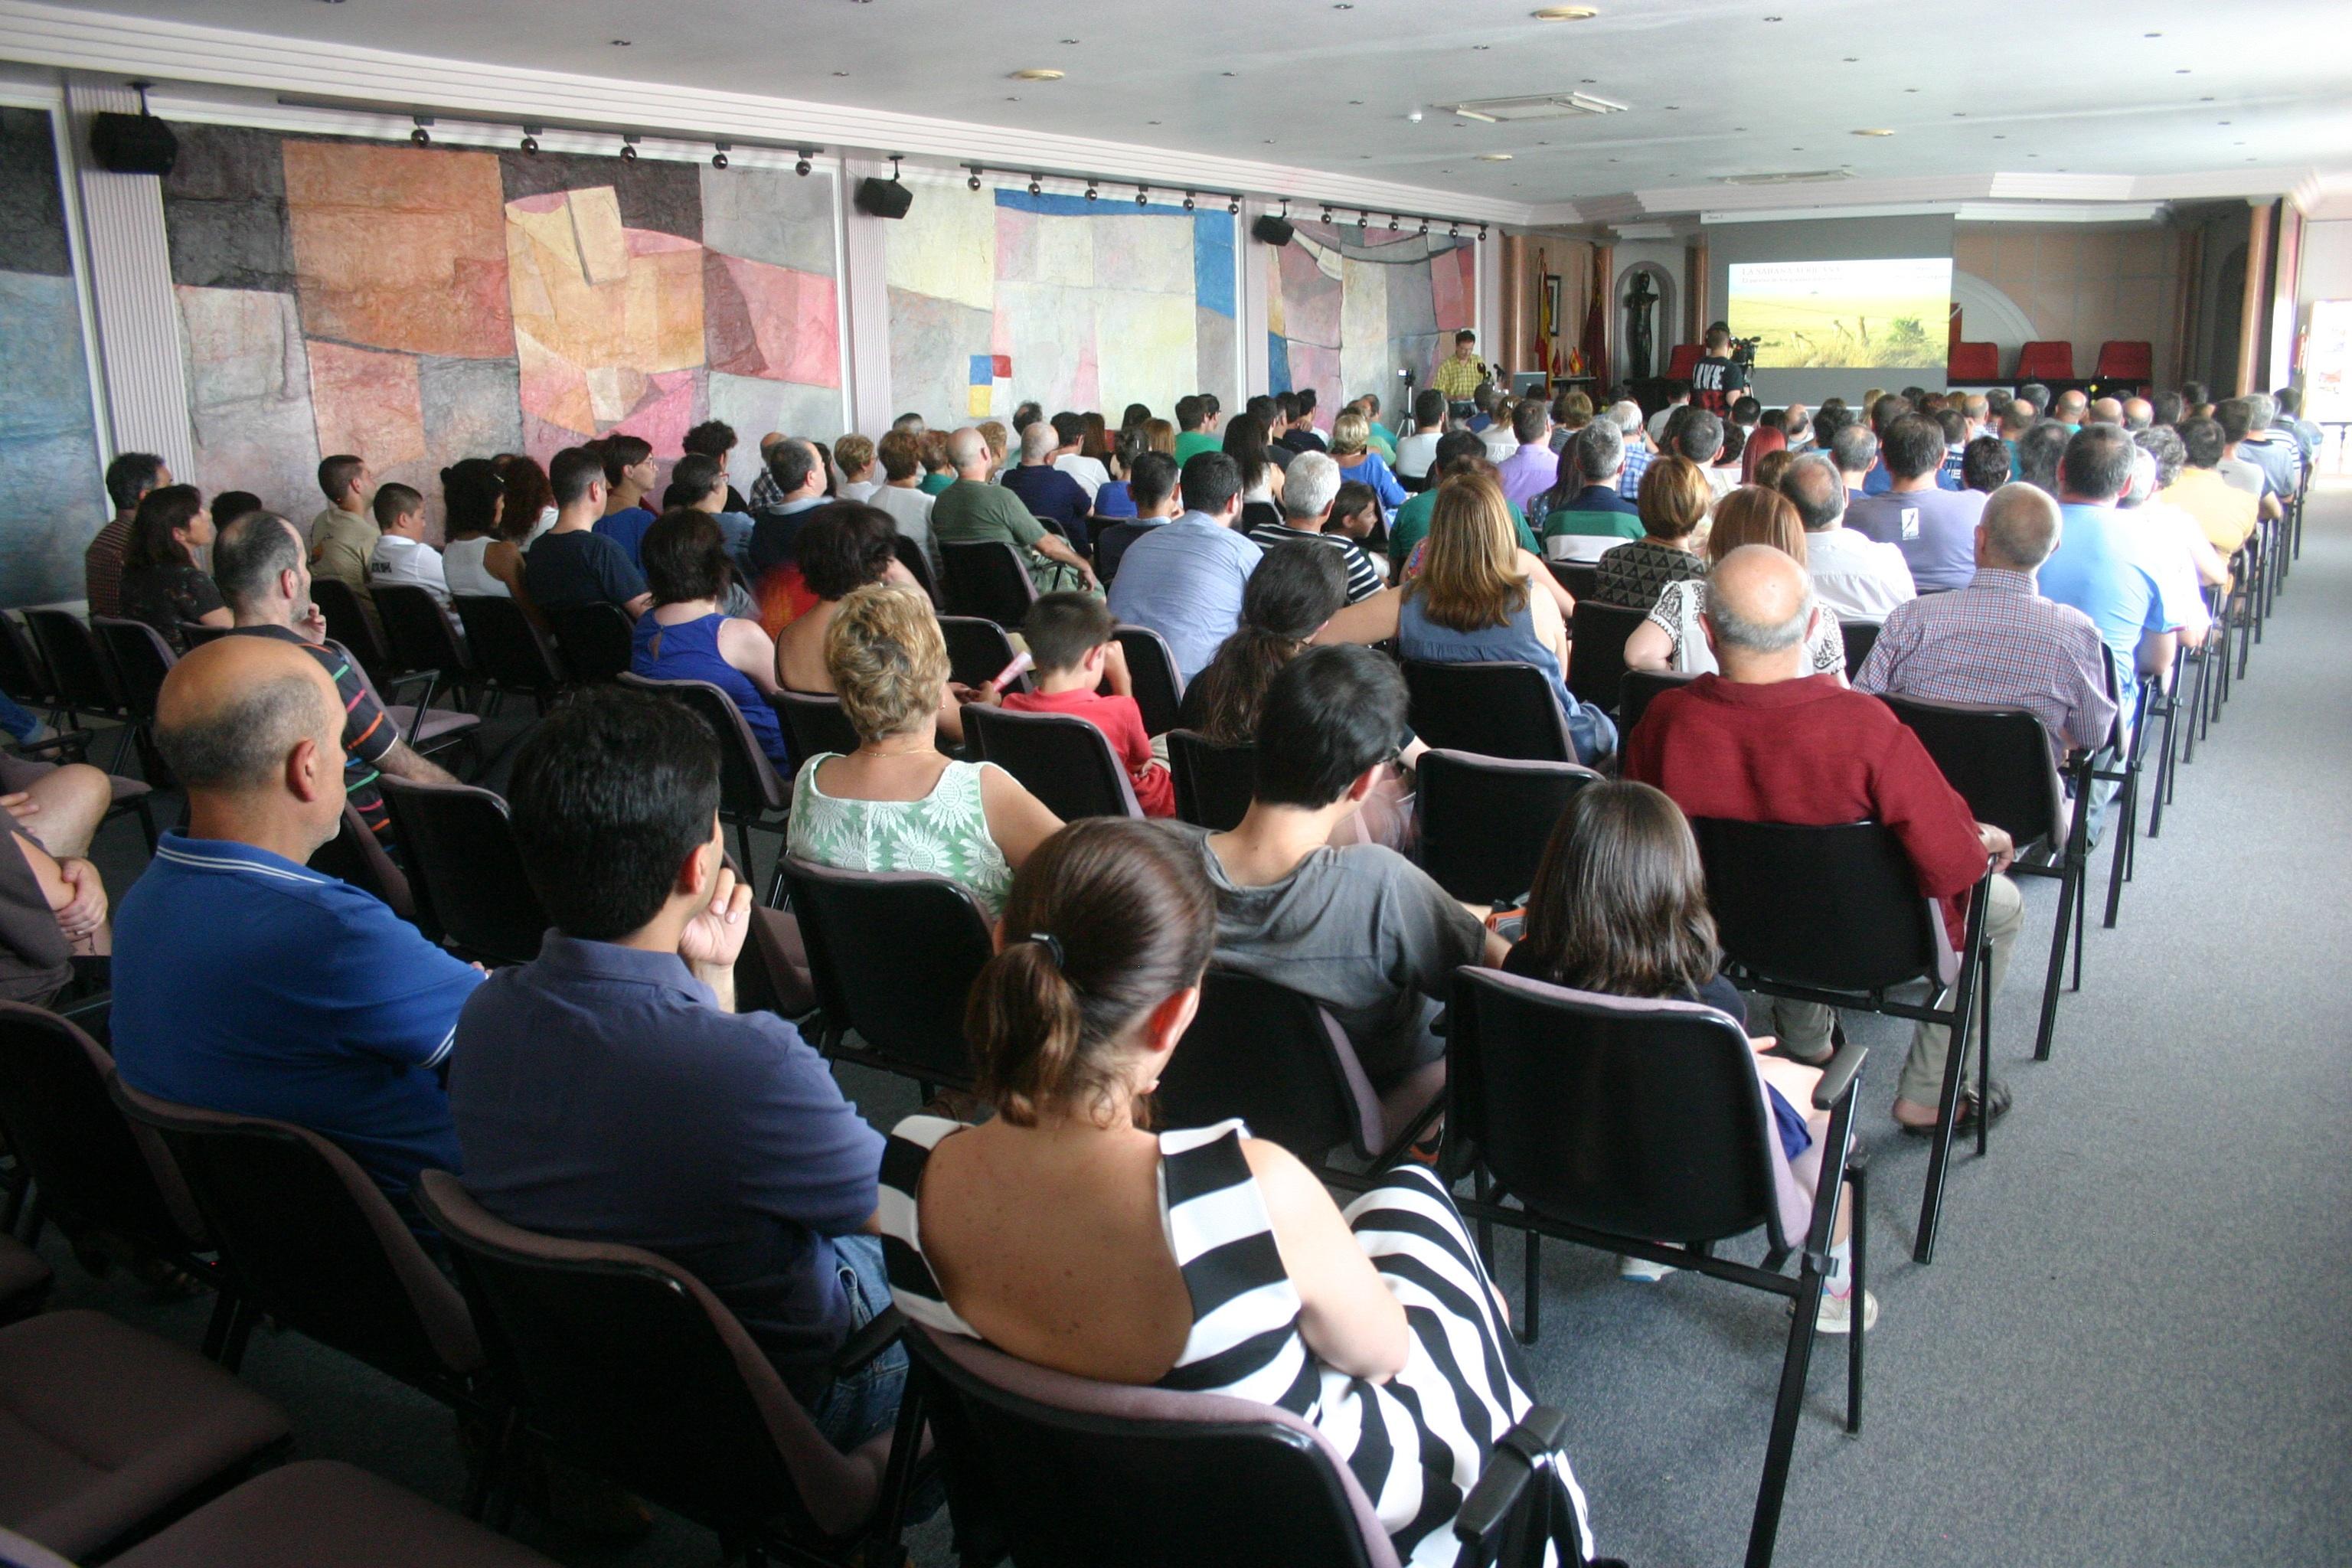 Respuesta masiva del público a la presentación del Atlas. Fotografía: A. García.